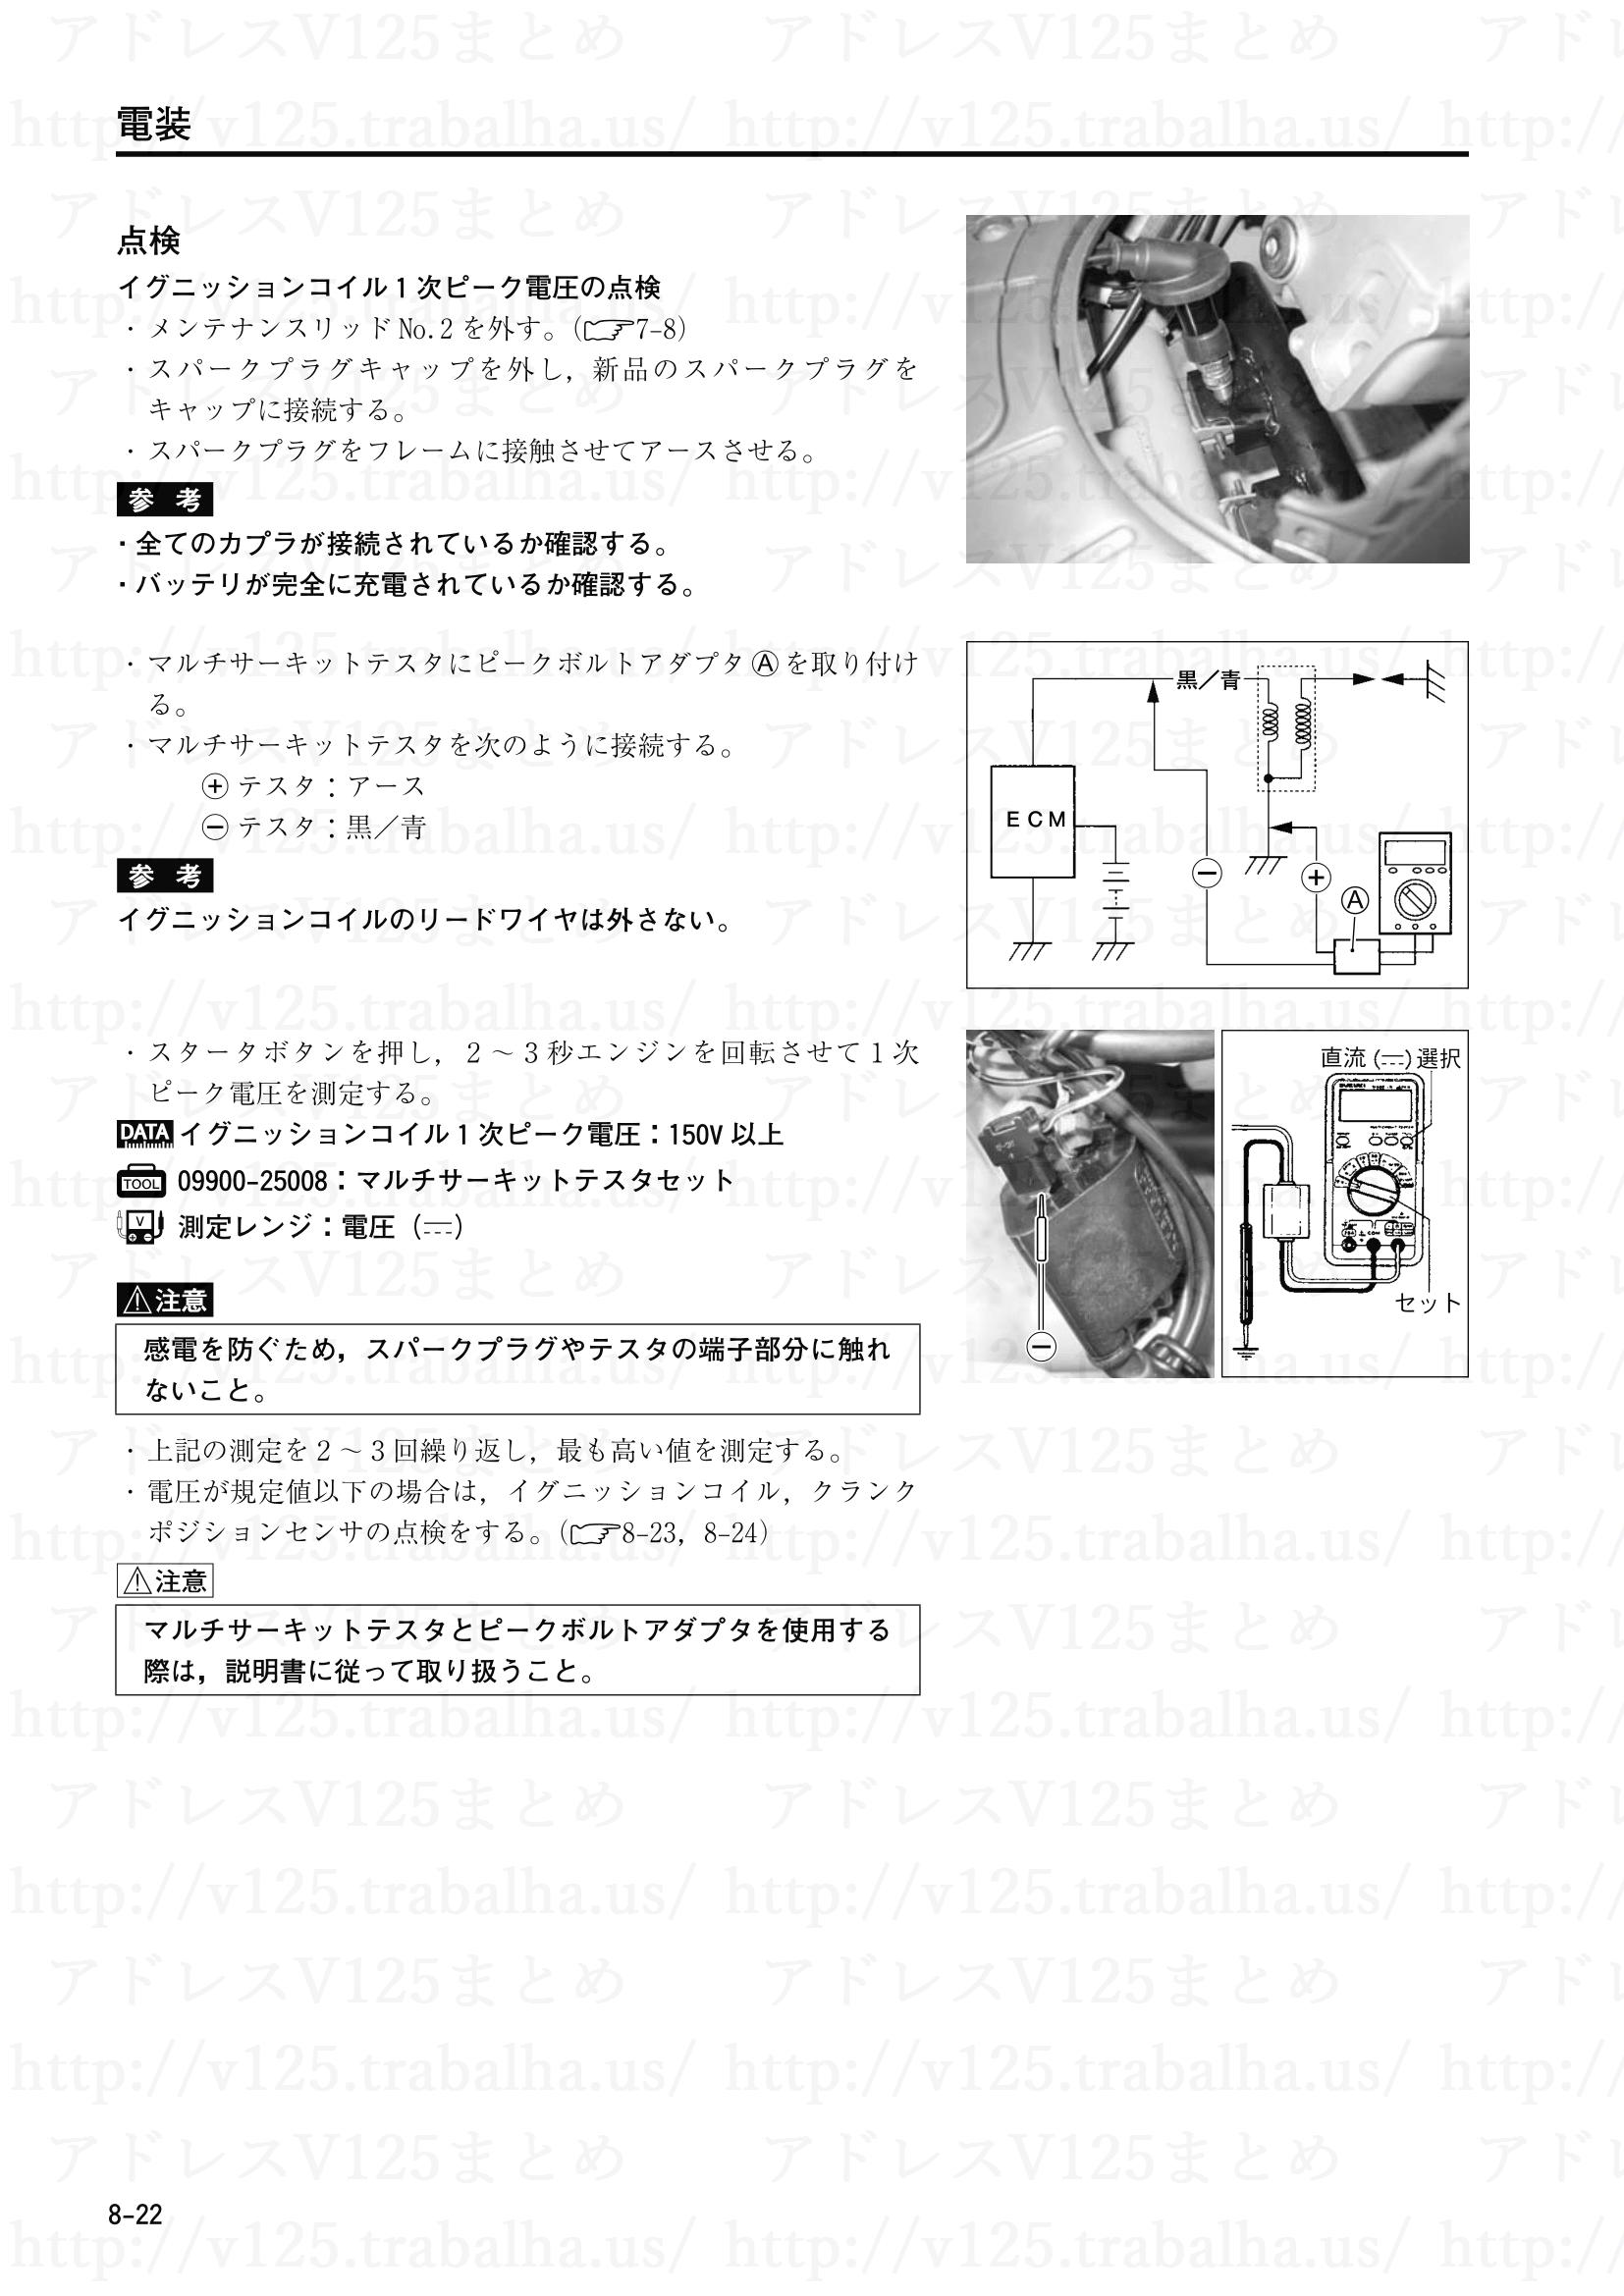 8-22【電装】点火装置の点検